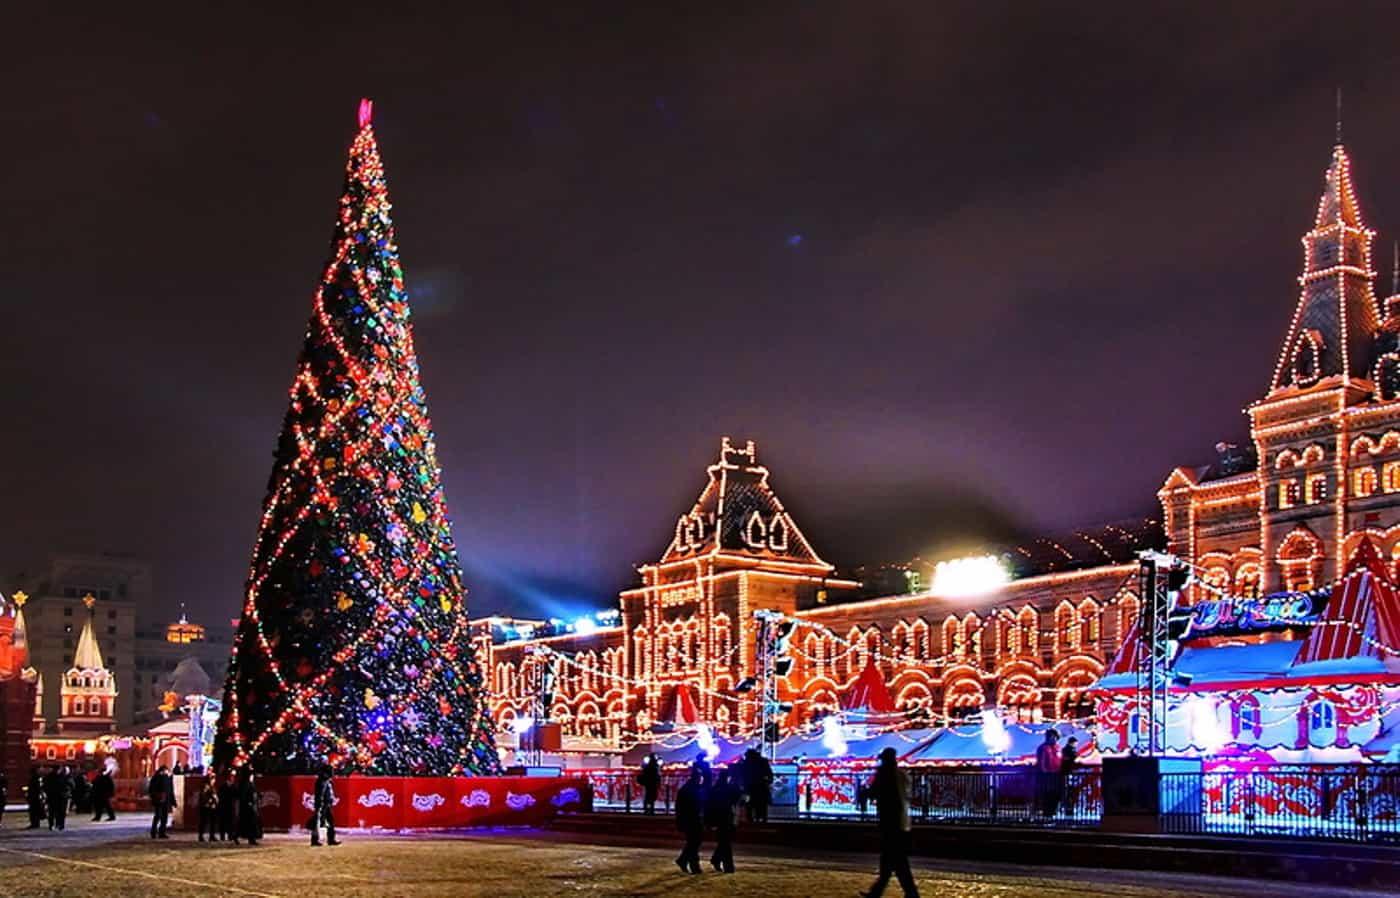 Photo of Световые конструкции к Новому году Световые конструкции к Новому году Световые конструкции к Новому году 1 8